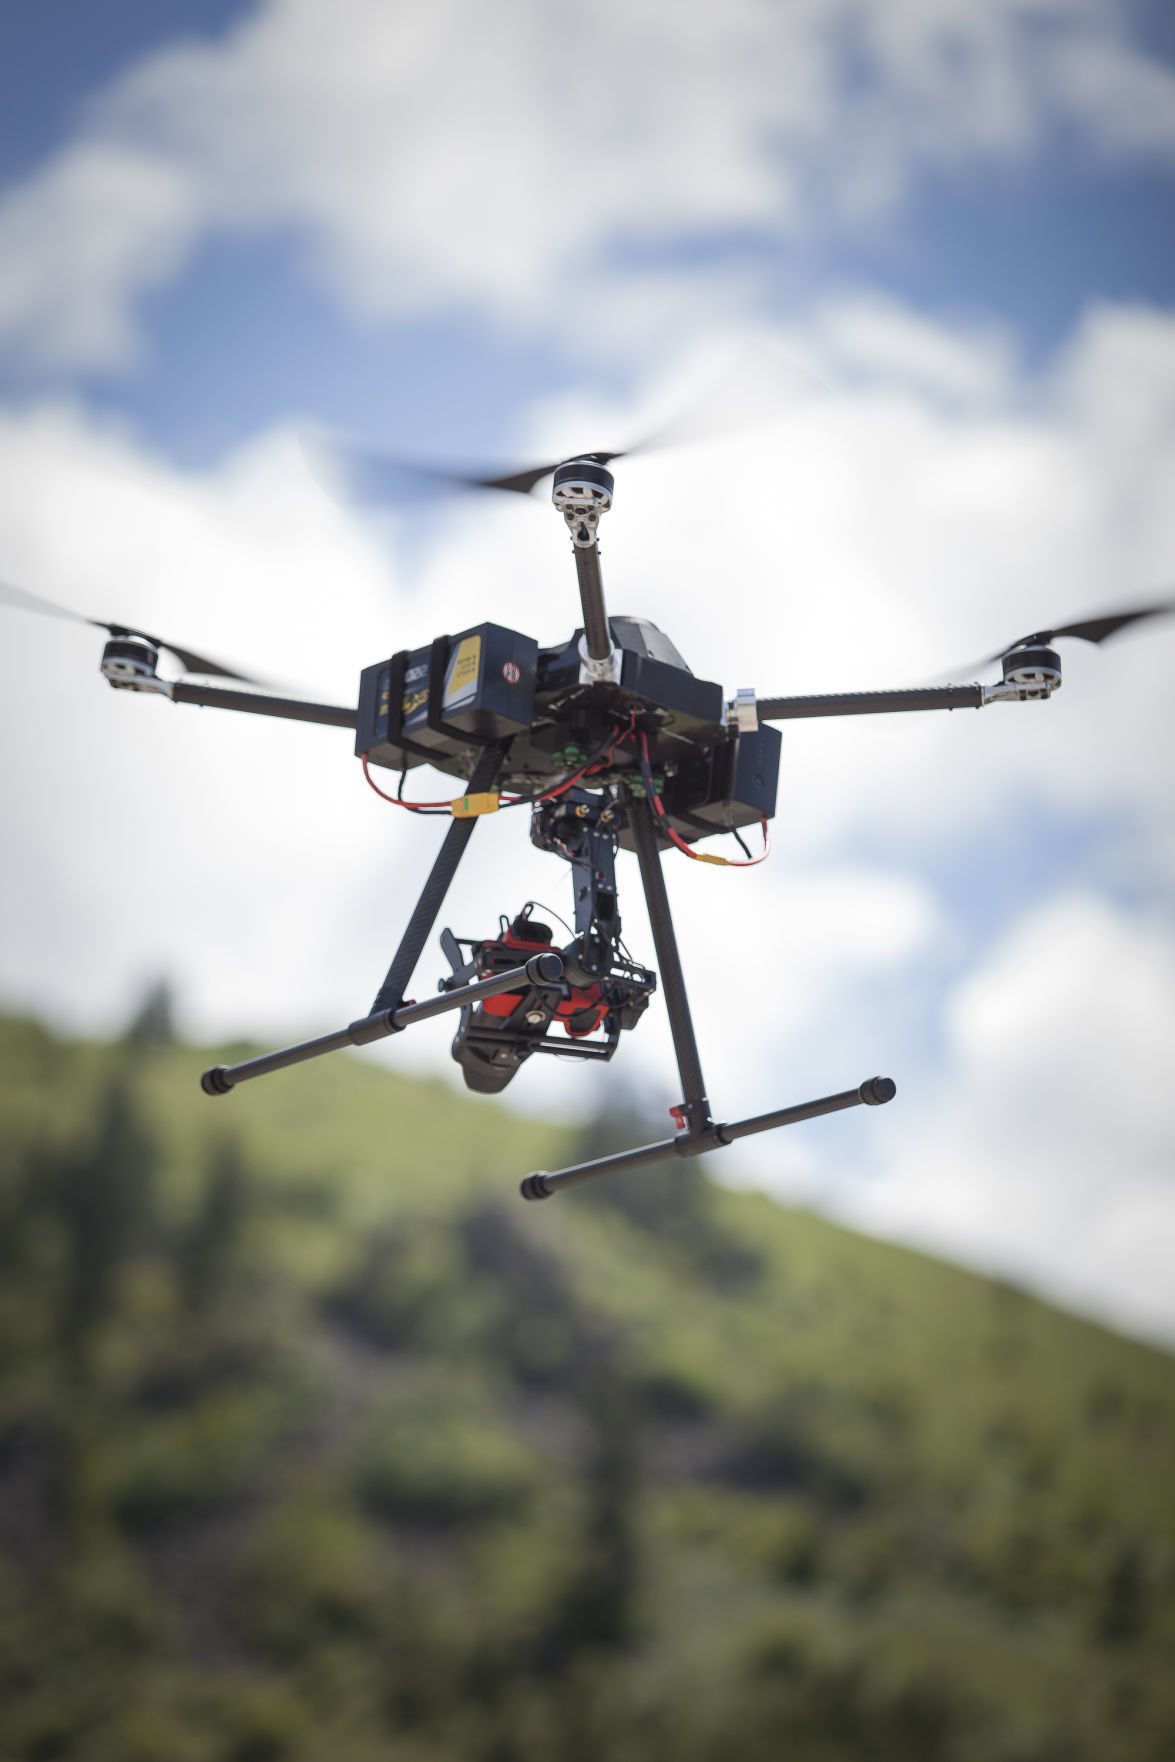 DroneDemo02